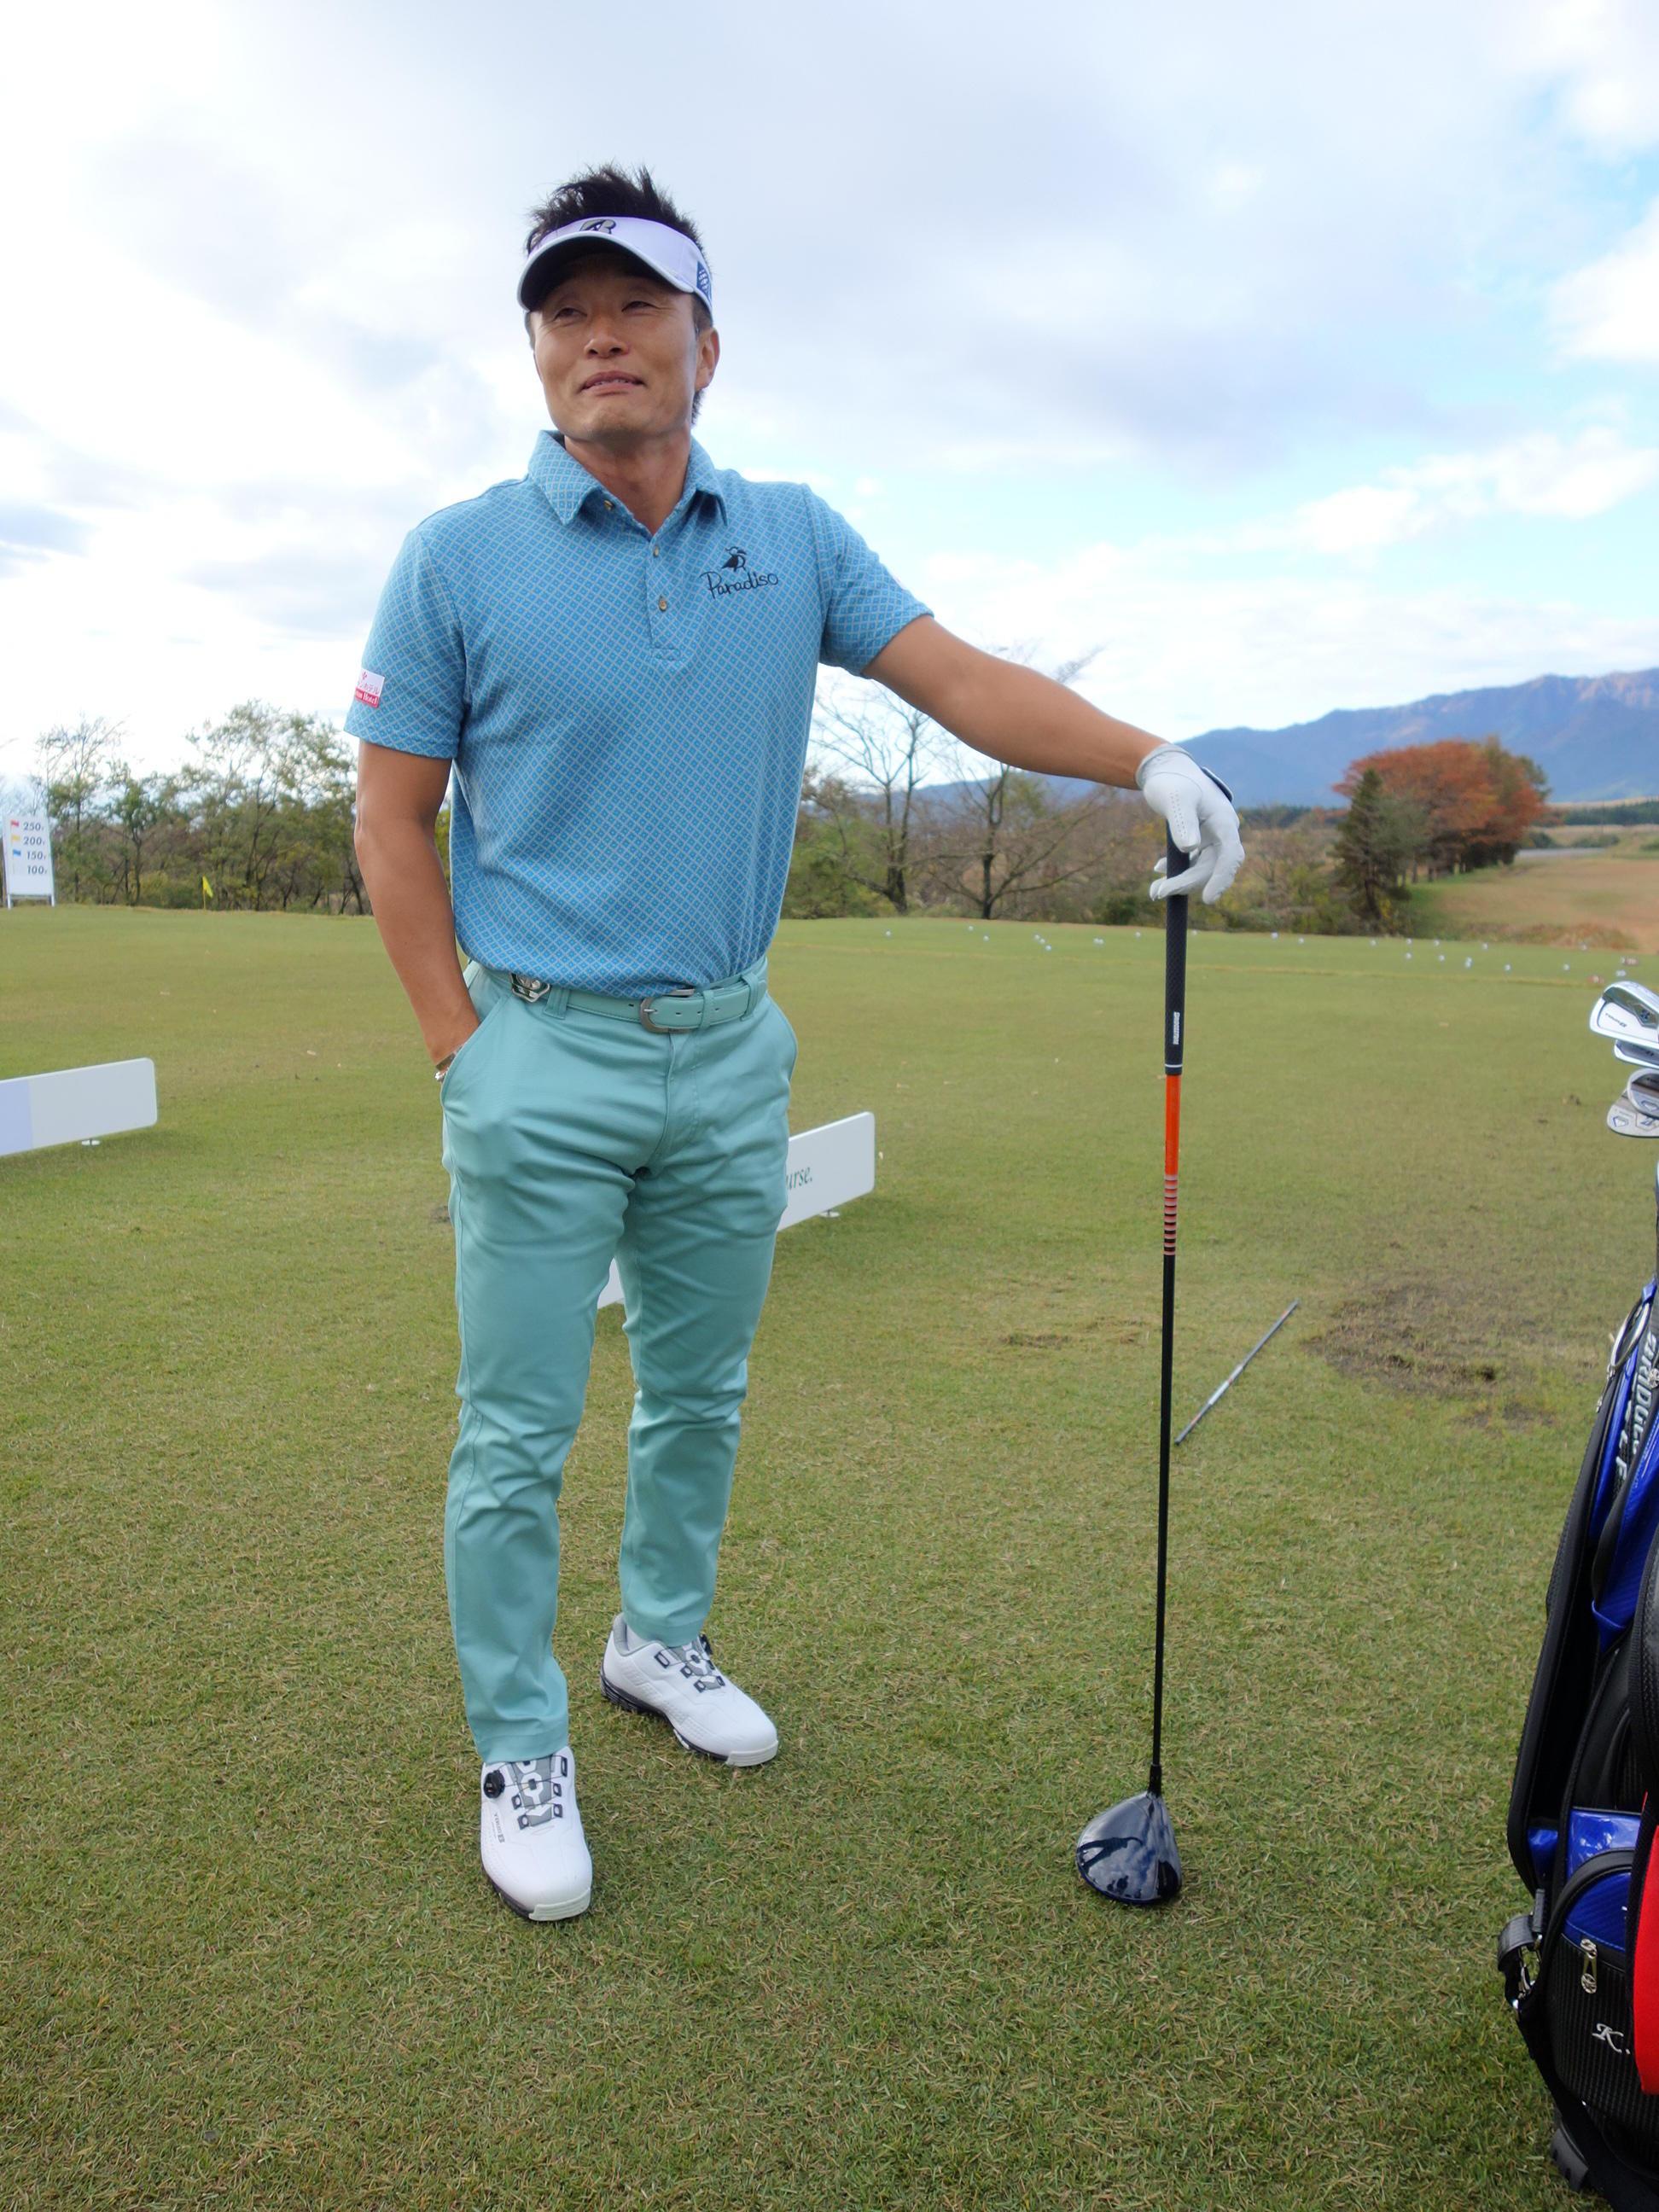 http://www.bs-golf.com/pro/ef0e5d91cbba9266d1ec40331fa2a31353125a45.JPG